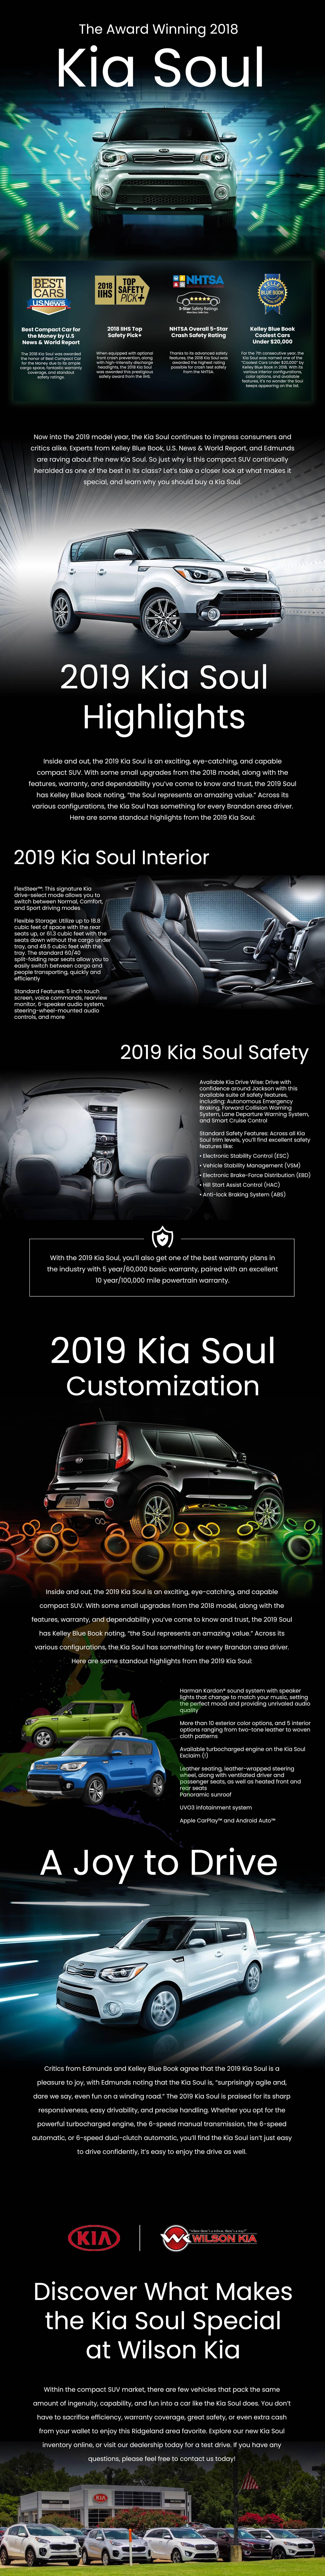 Kia Soul Awards